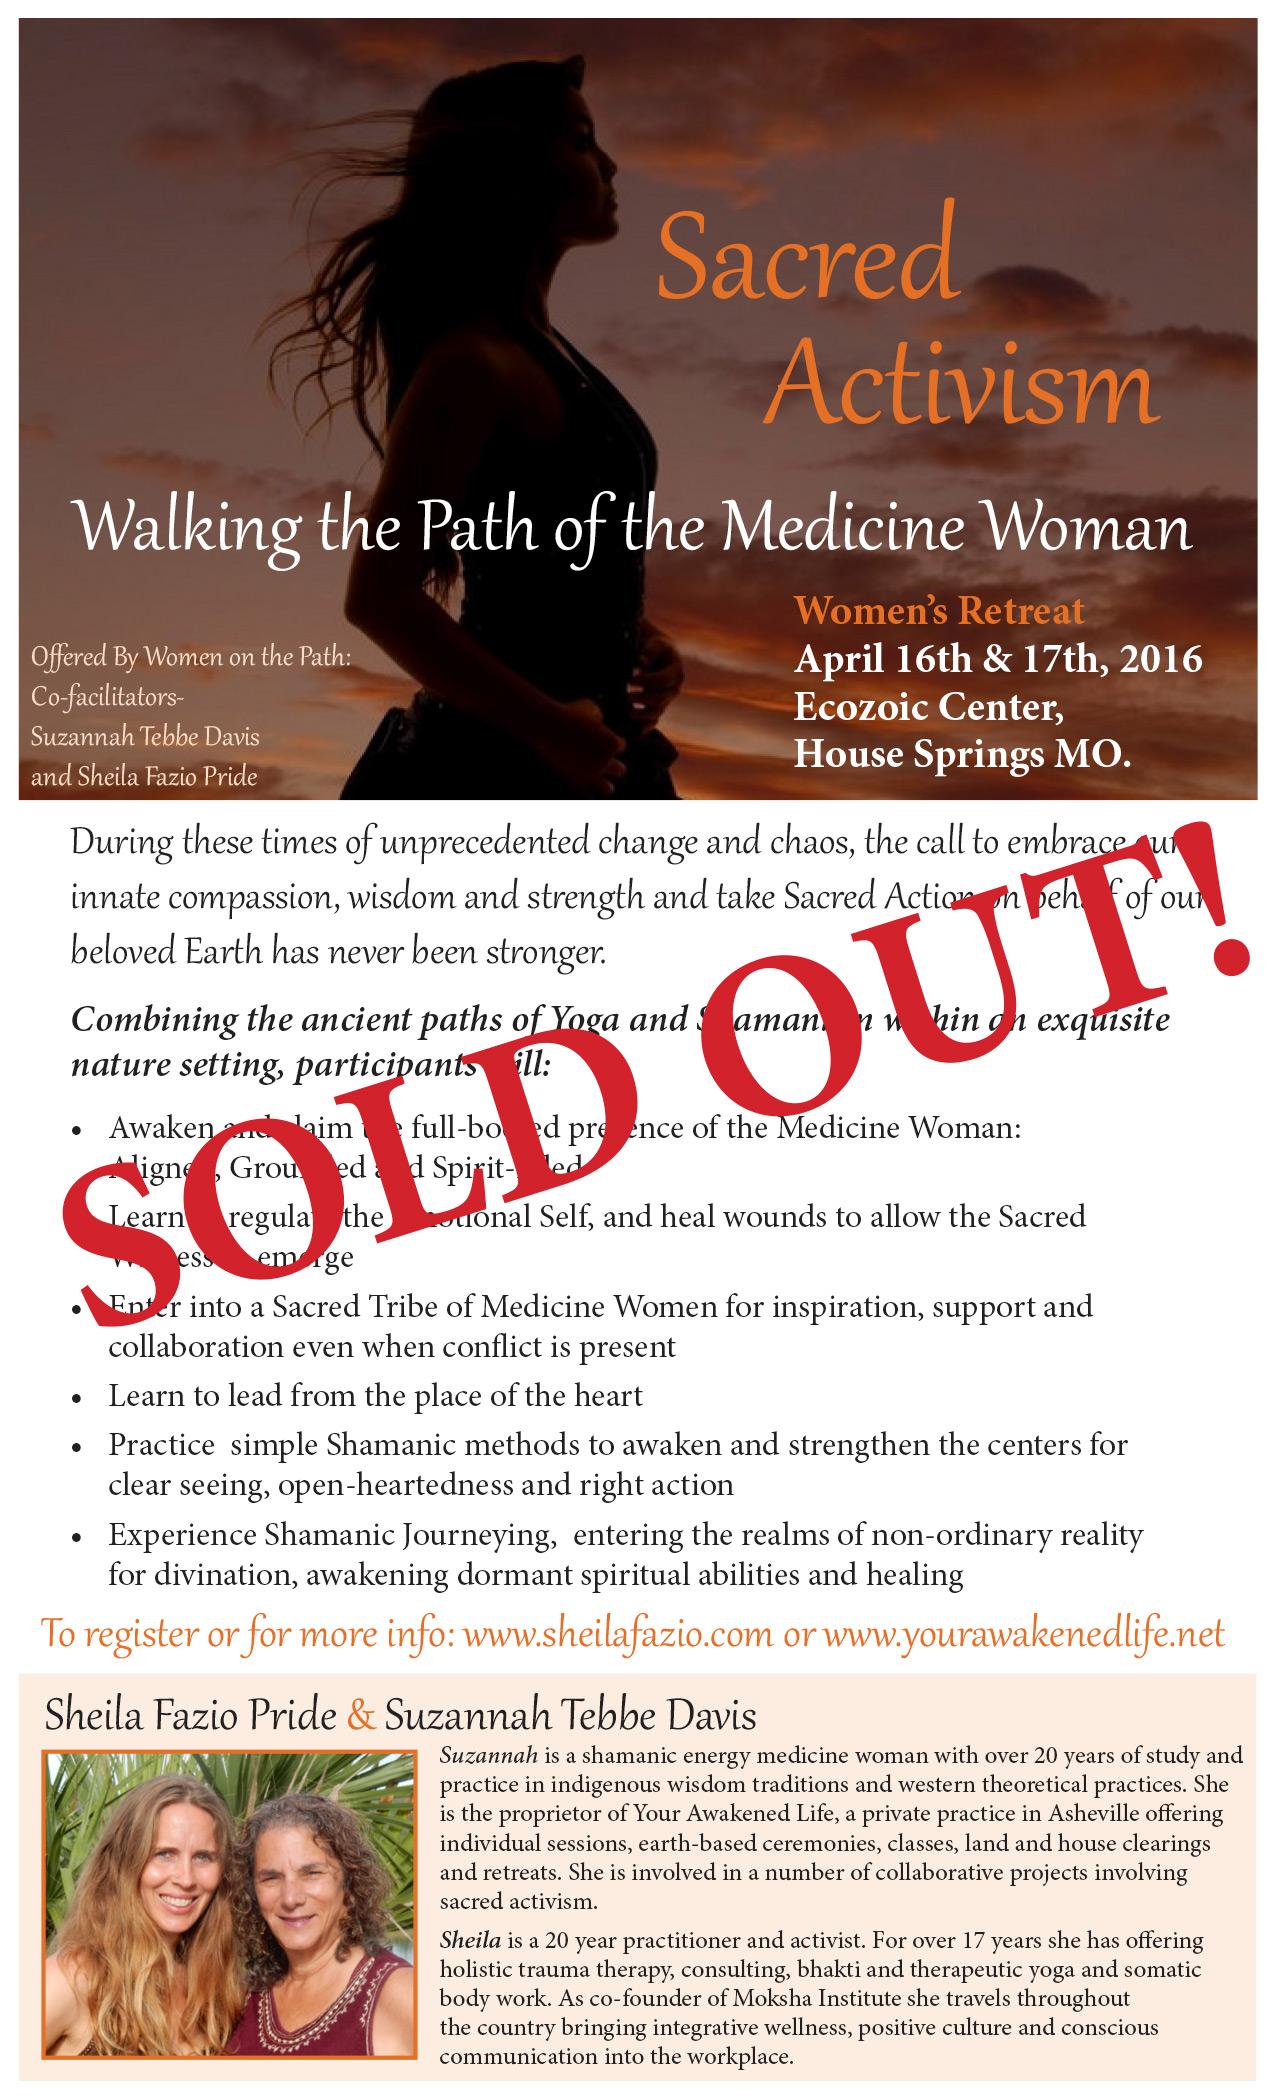 Sacred Activism workshop Sold Out